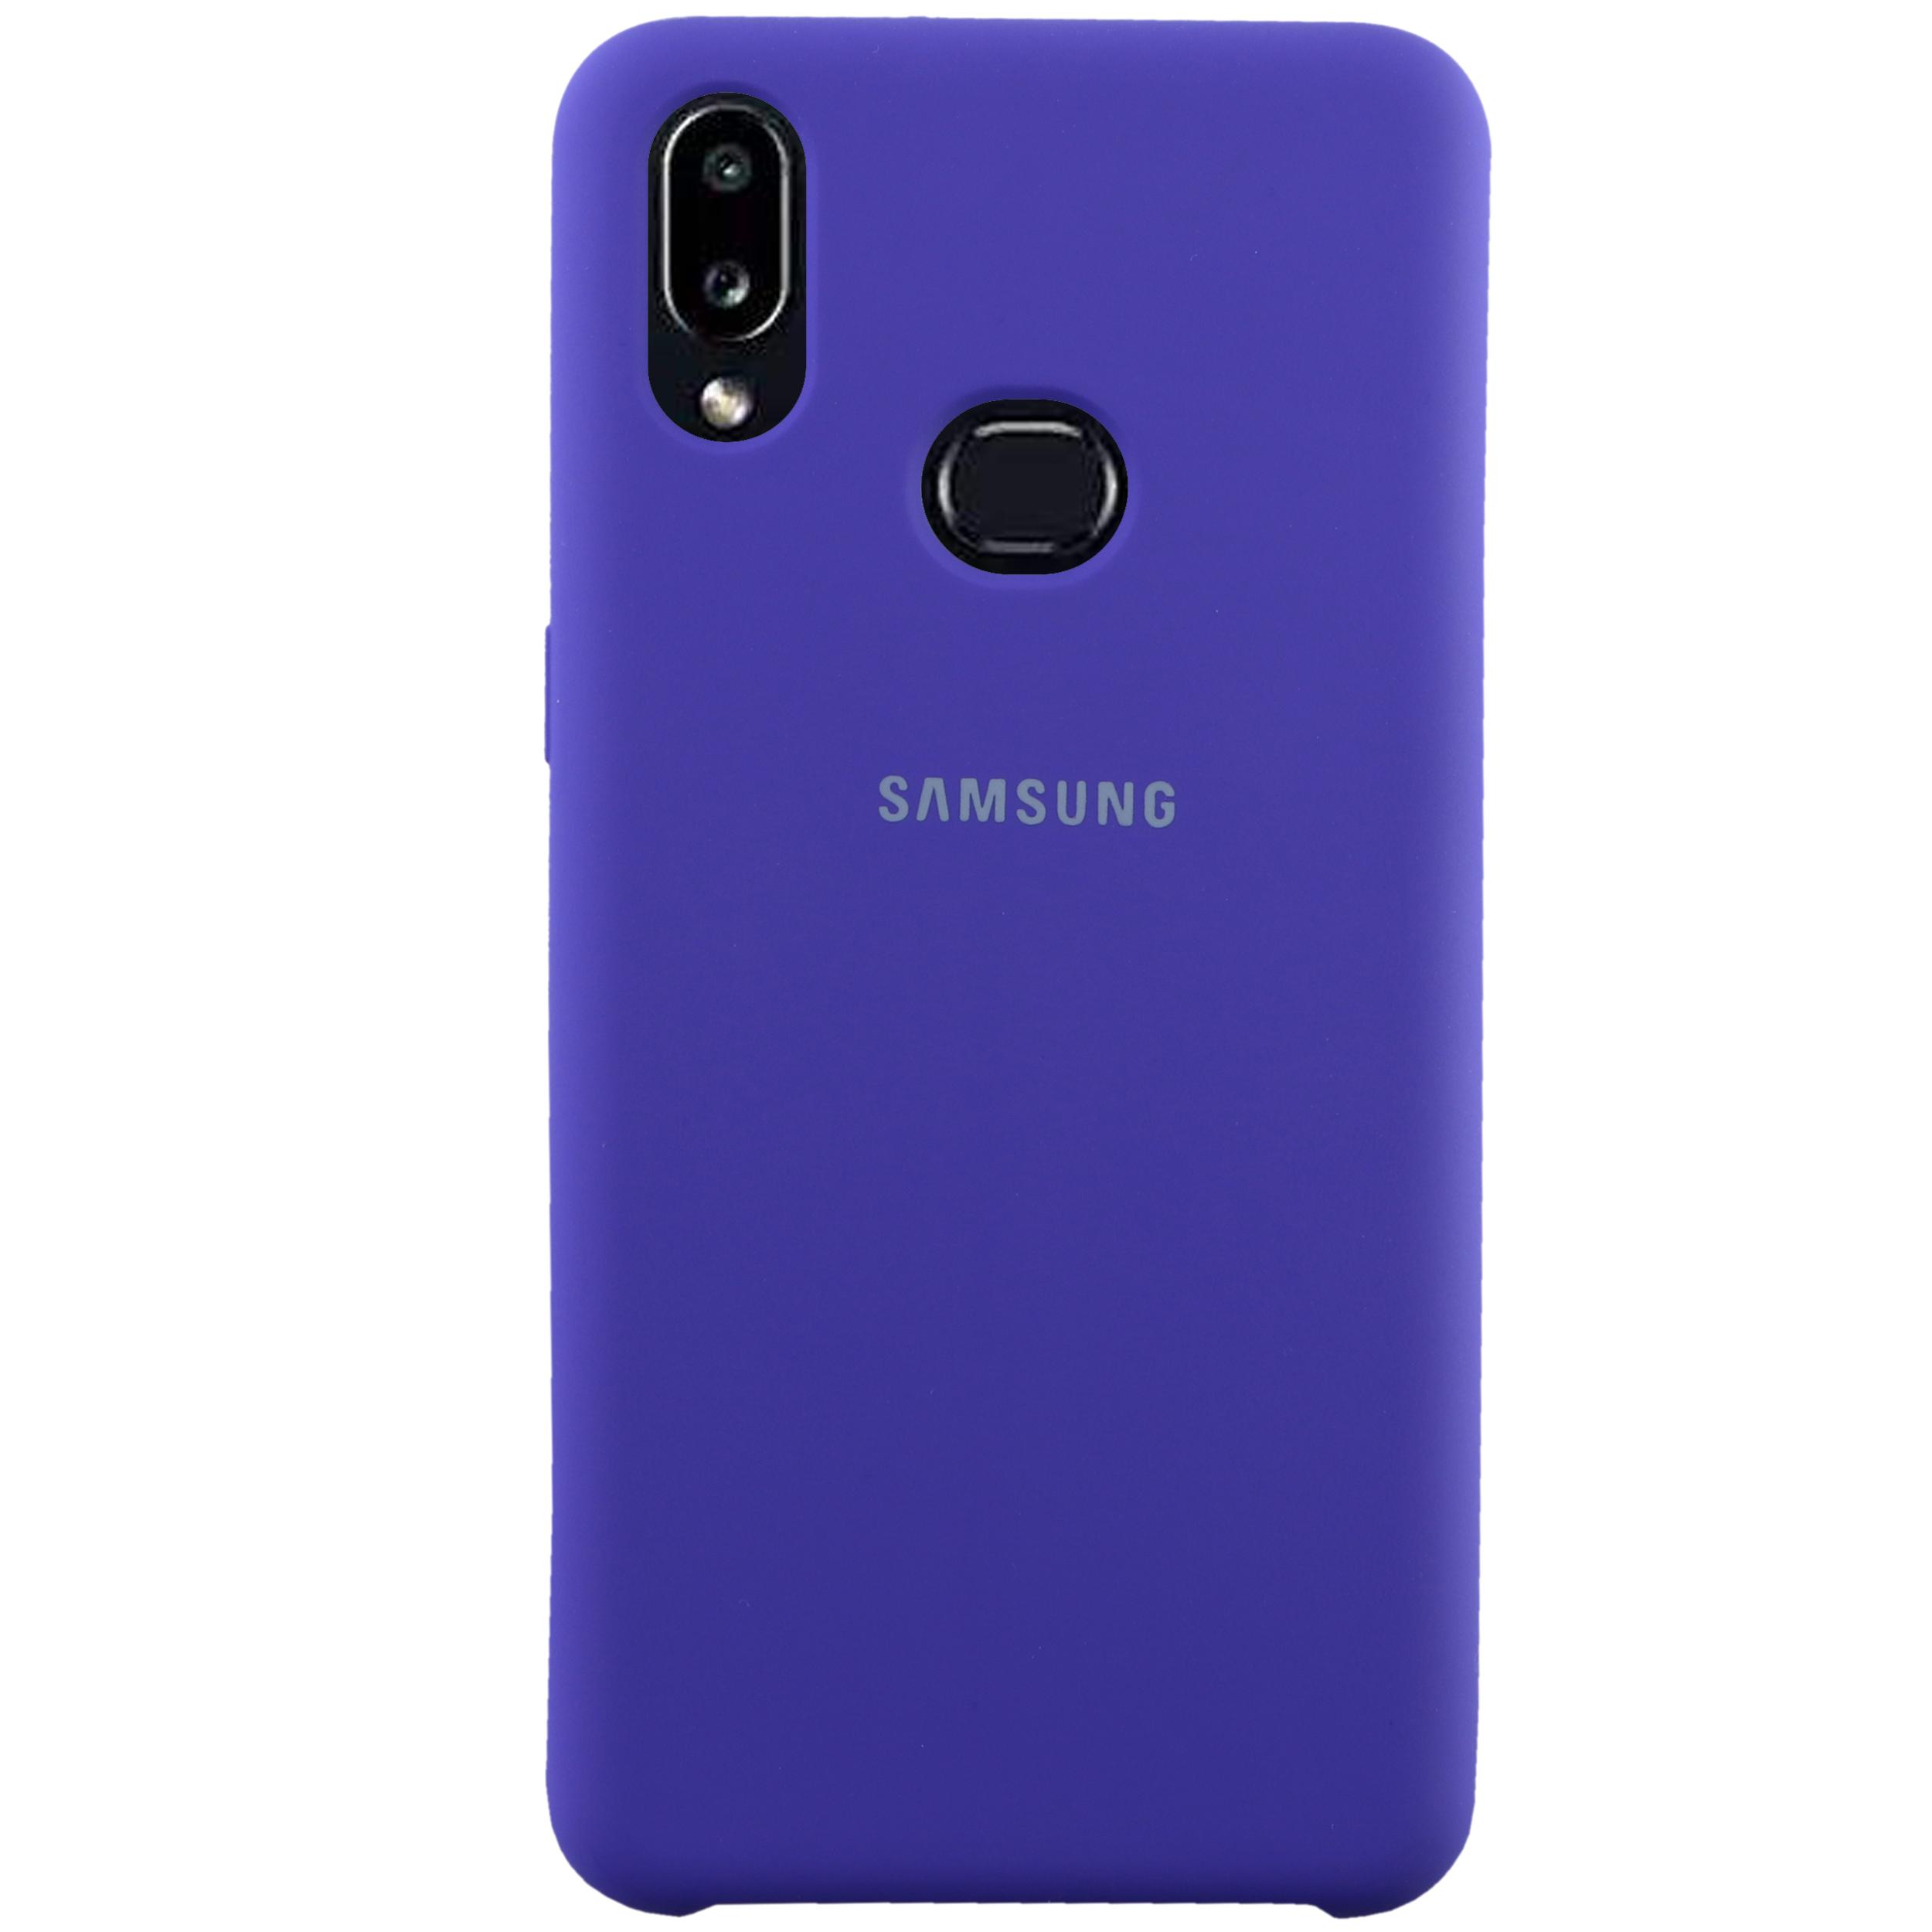 کاور مدل S-2200 مناسب برای گوشی موبایل سامسونگ Galaxy A10s